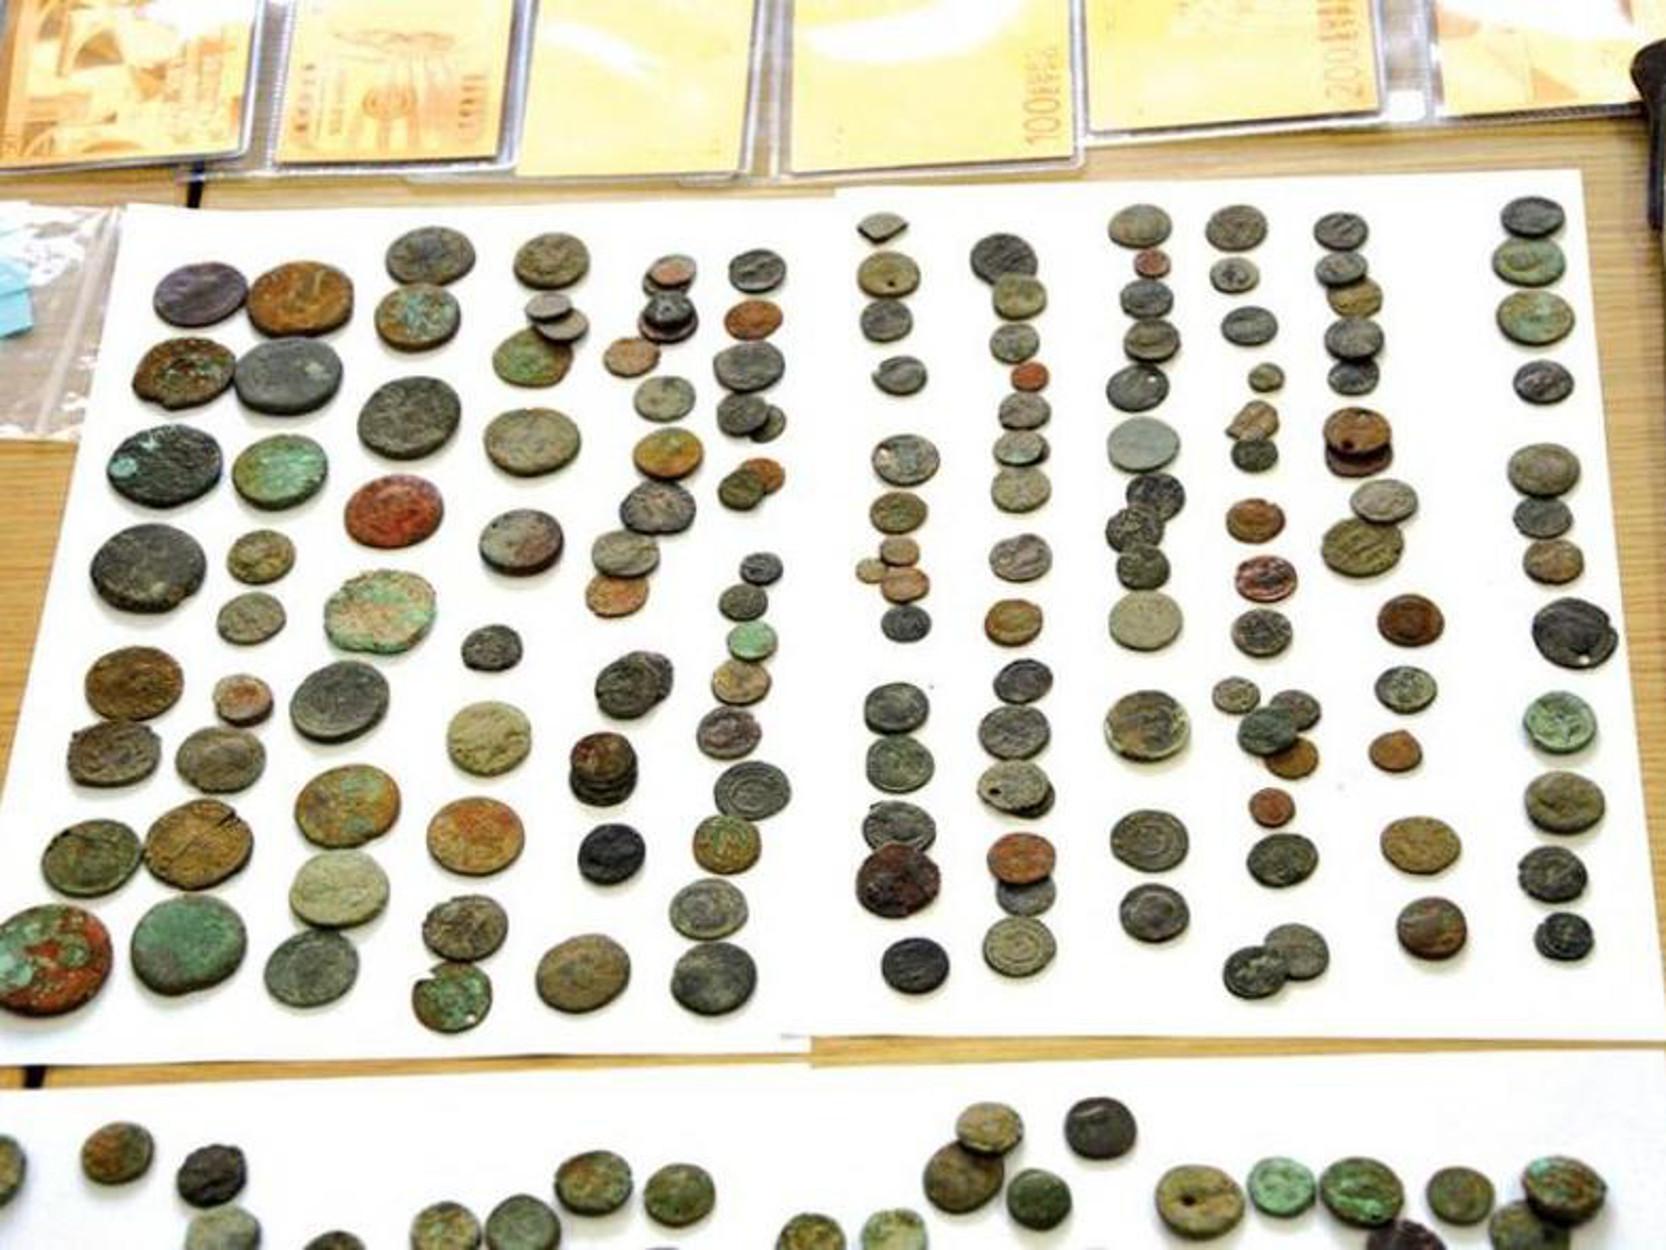 Πάτρα: Στο εφετείο οι 39 του διεθνούς δικτύου αρχαιοκαπηλίας – Ο «παππούς» και η εμπλοκή σε 4 οίκων δημοπρασιών